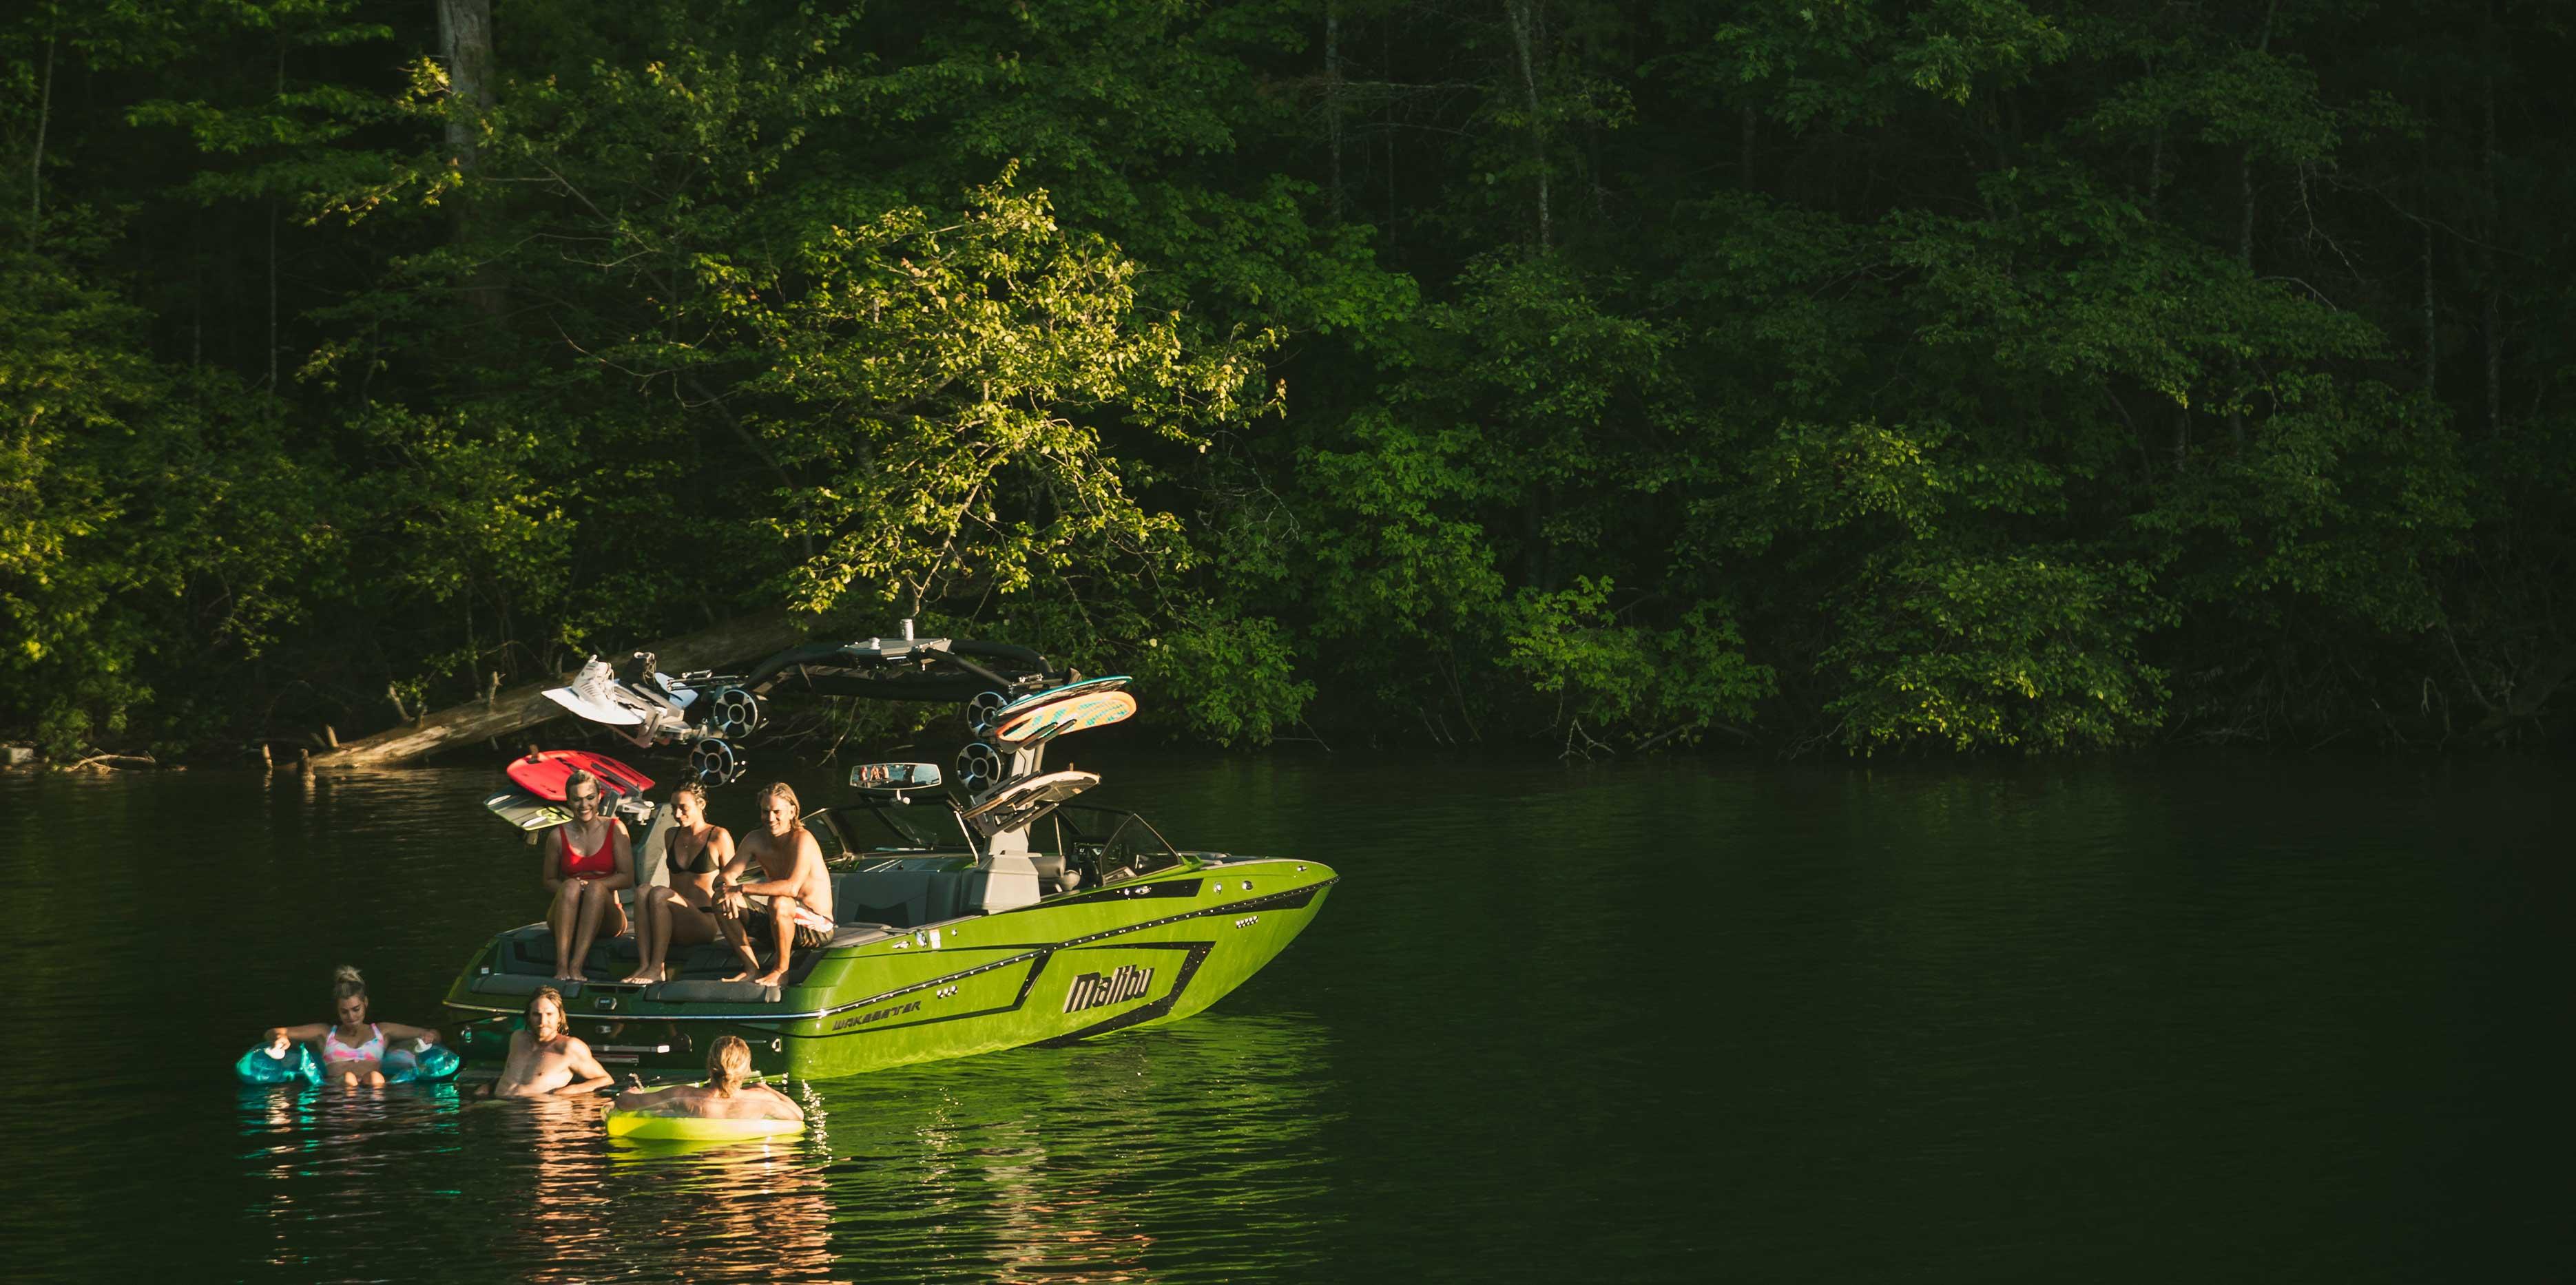 Malibu Boats 23 MXZ floating